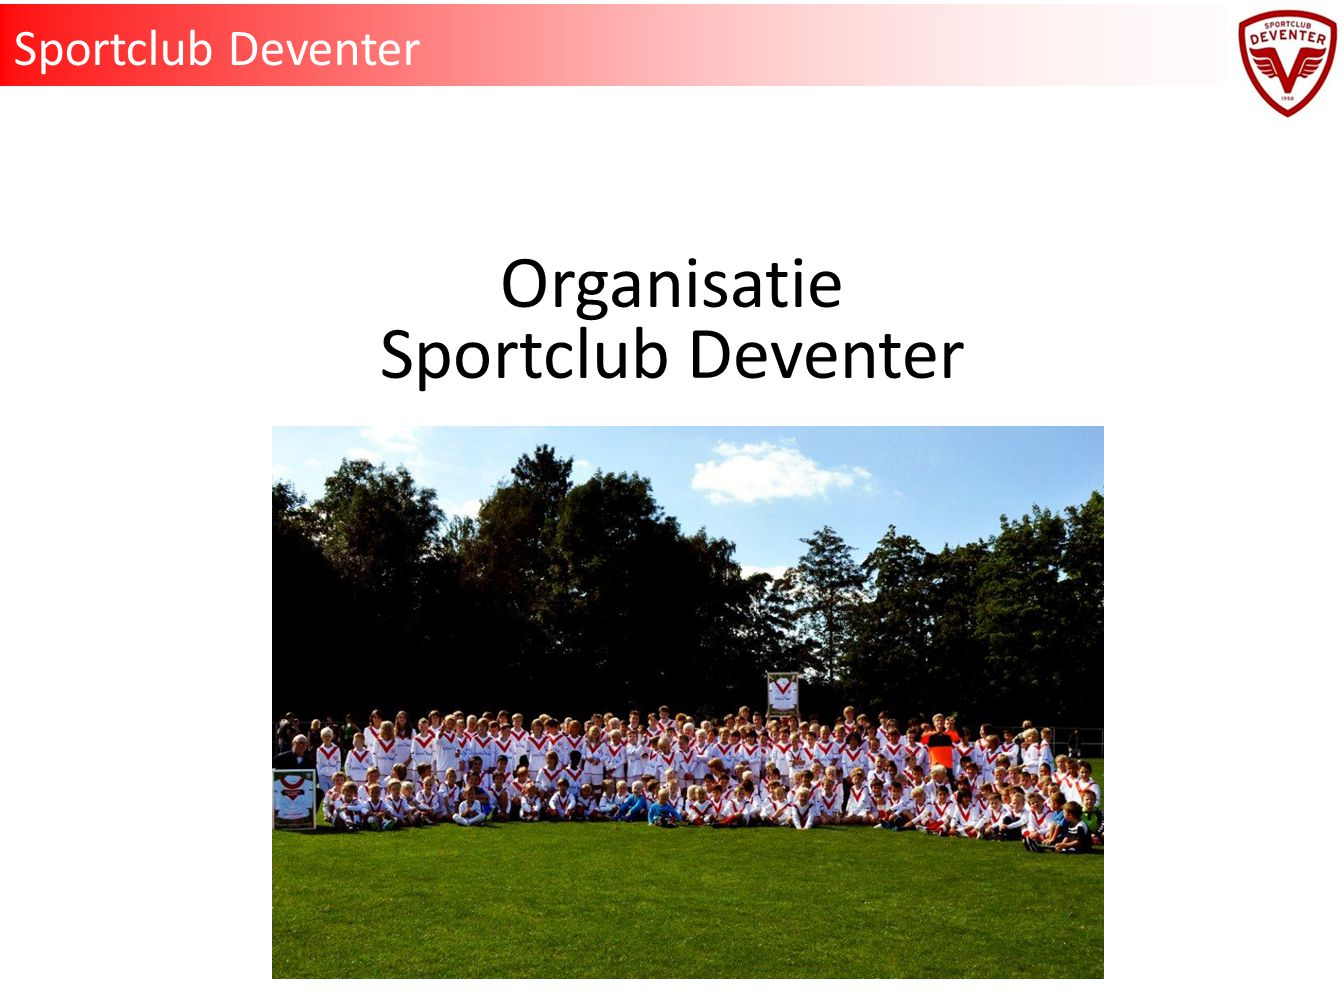 Organisatie Sportclub Deventer